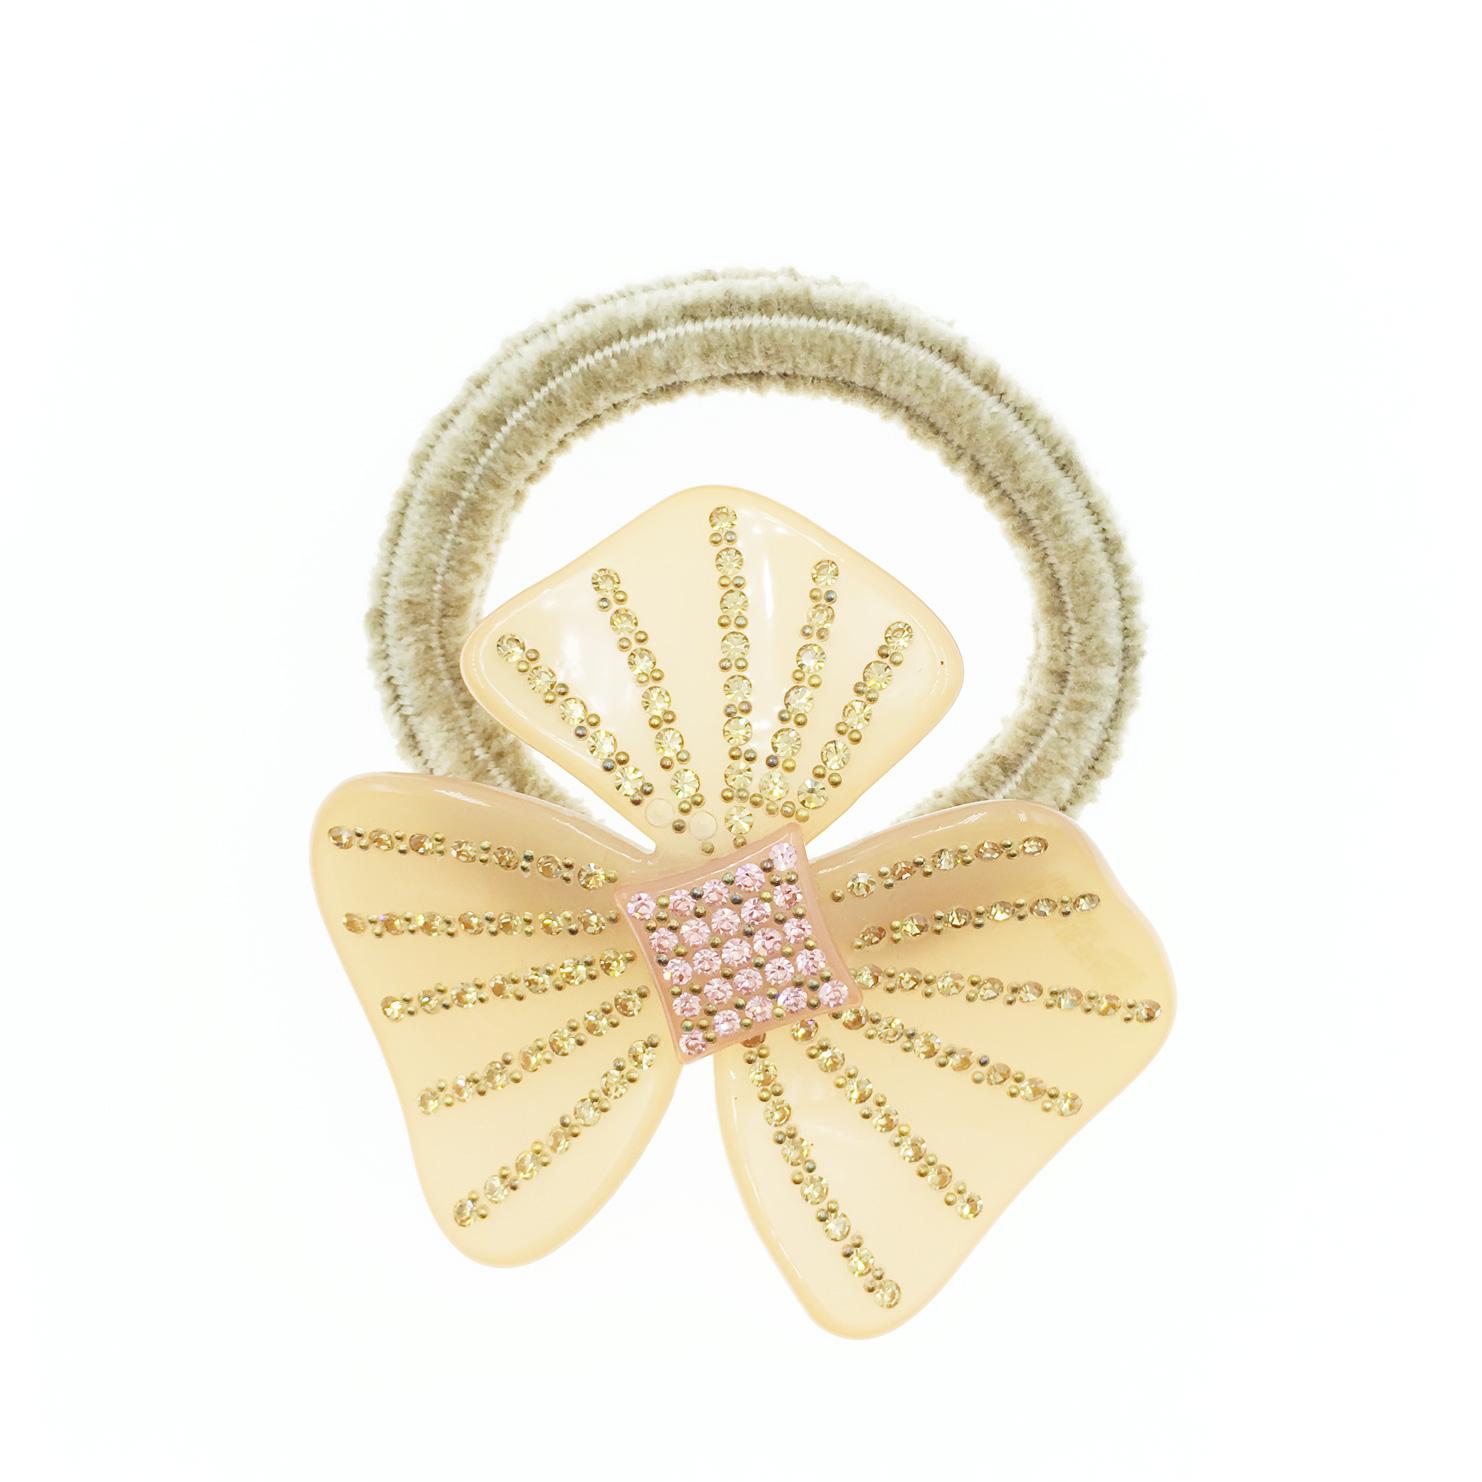 韓國 金色水鑽 水晶 花 髮飾 髮圈 採用施華洛世奇水晶元素 Crystals from Swarovski